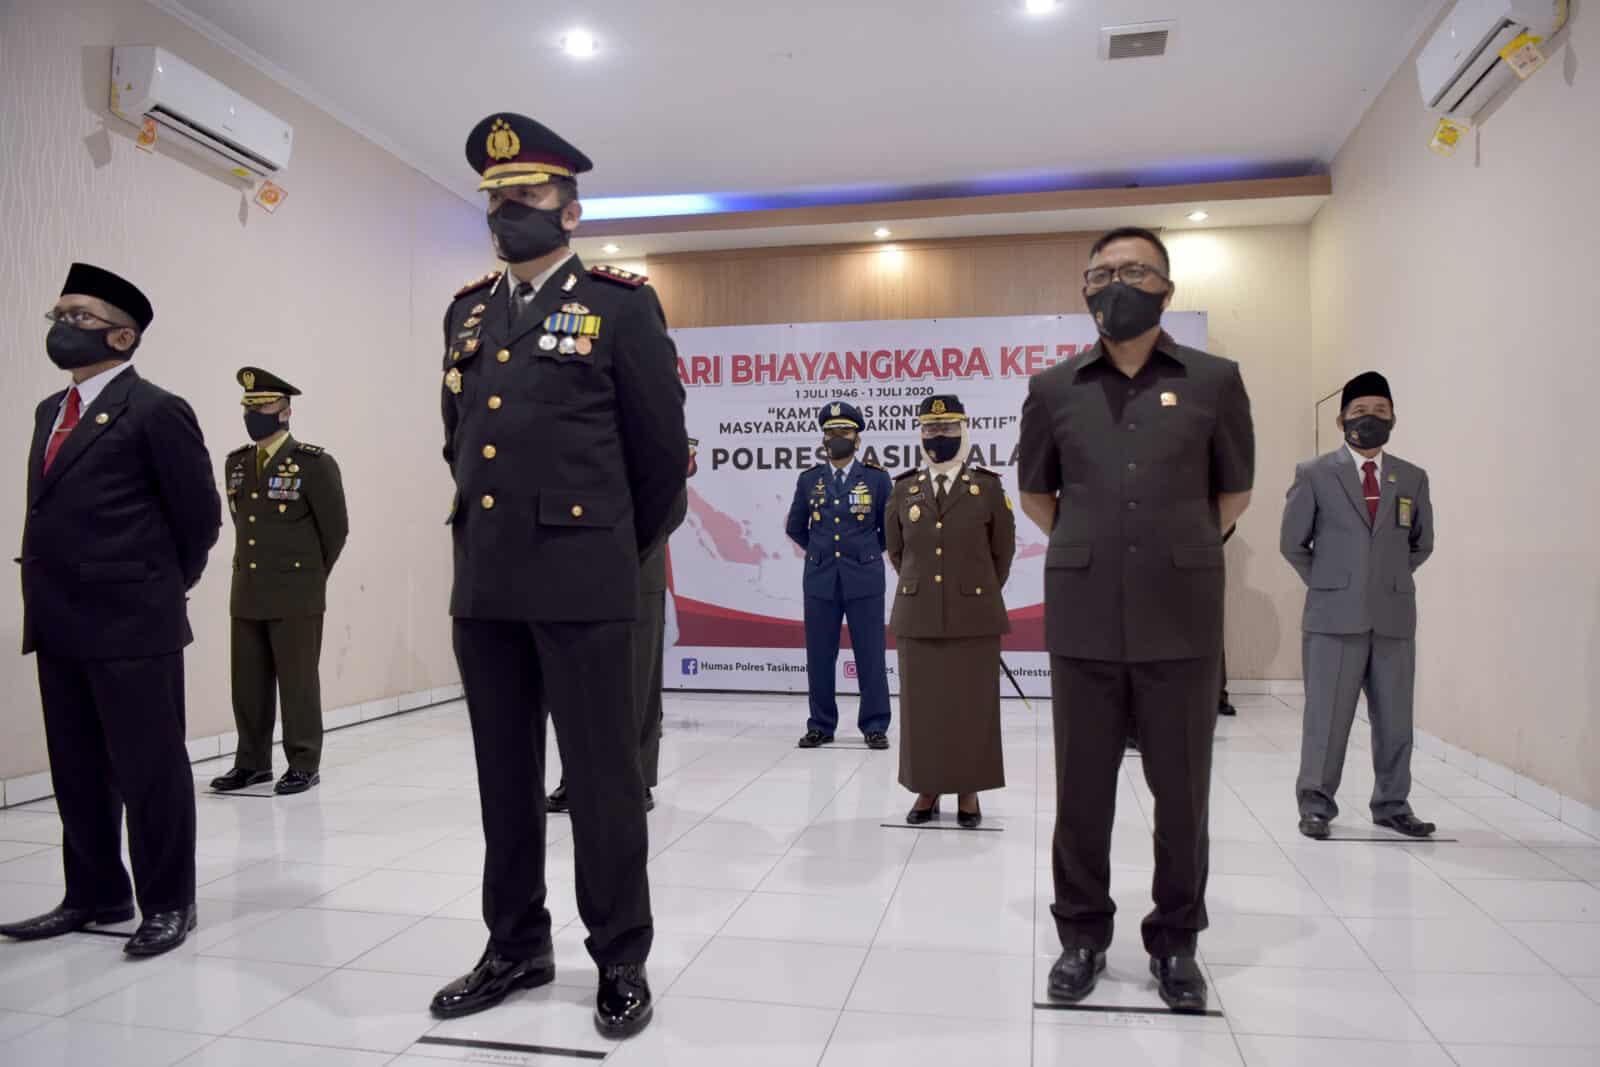 Danlanud Wiriadinata Hadiri Upacara Peringatan Ke – 74 Hari Bhayangkara Tingkat Polres Tasikmalaya Secara Virtual